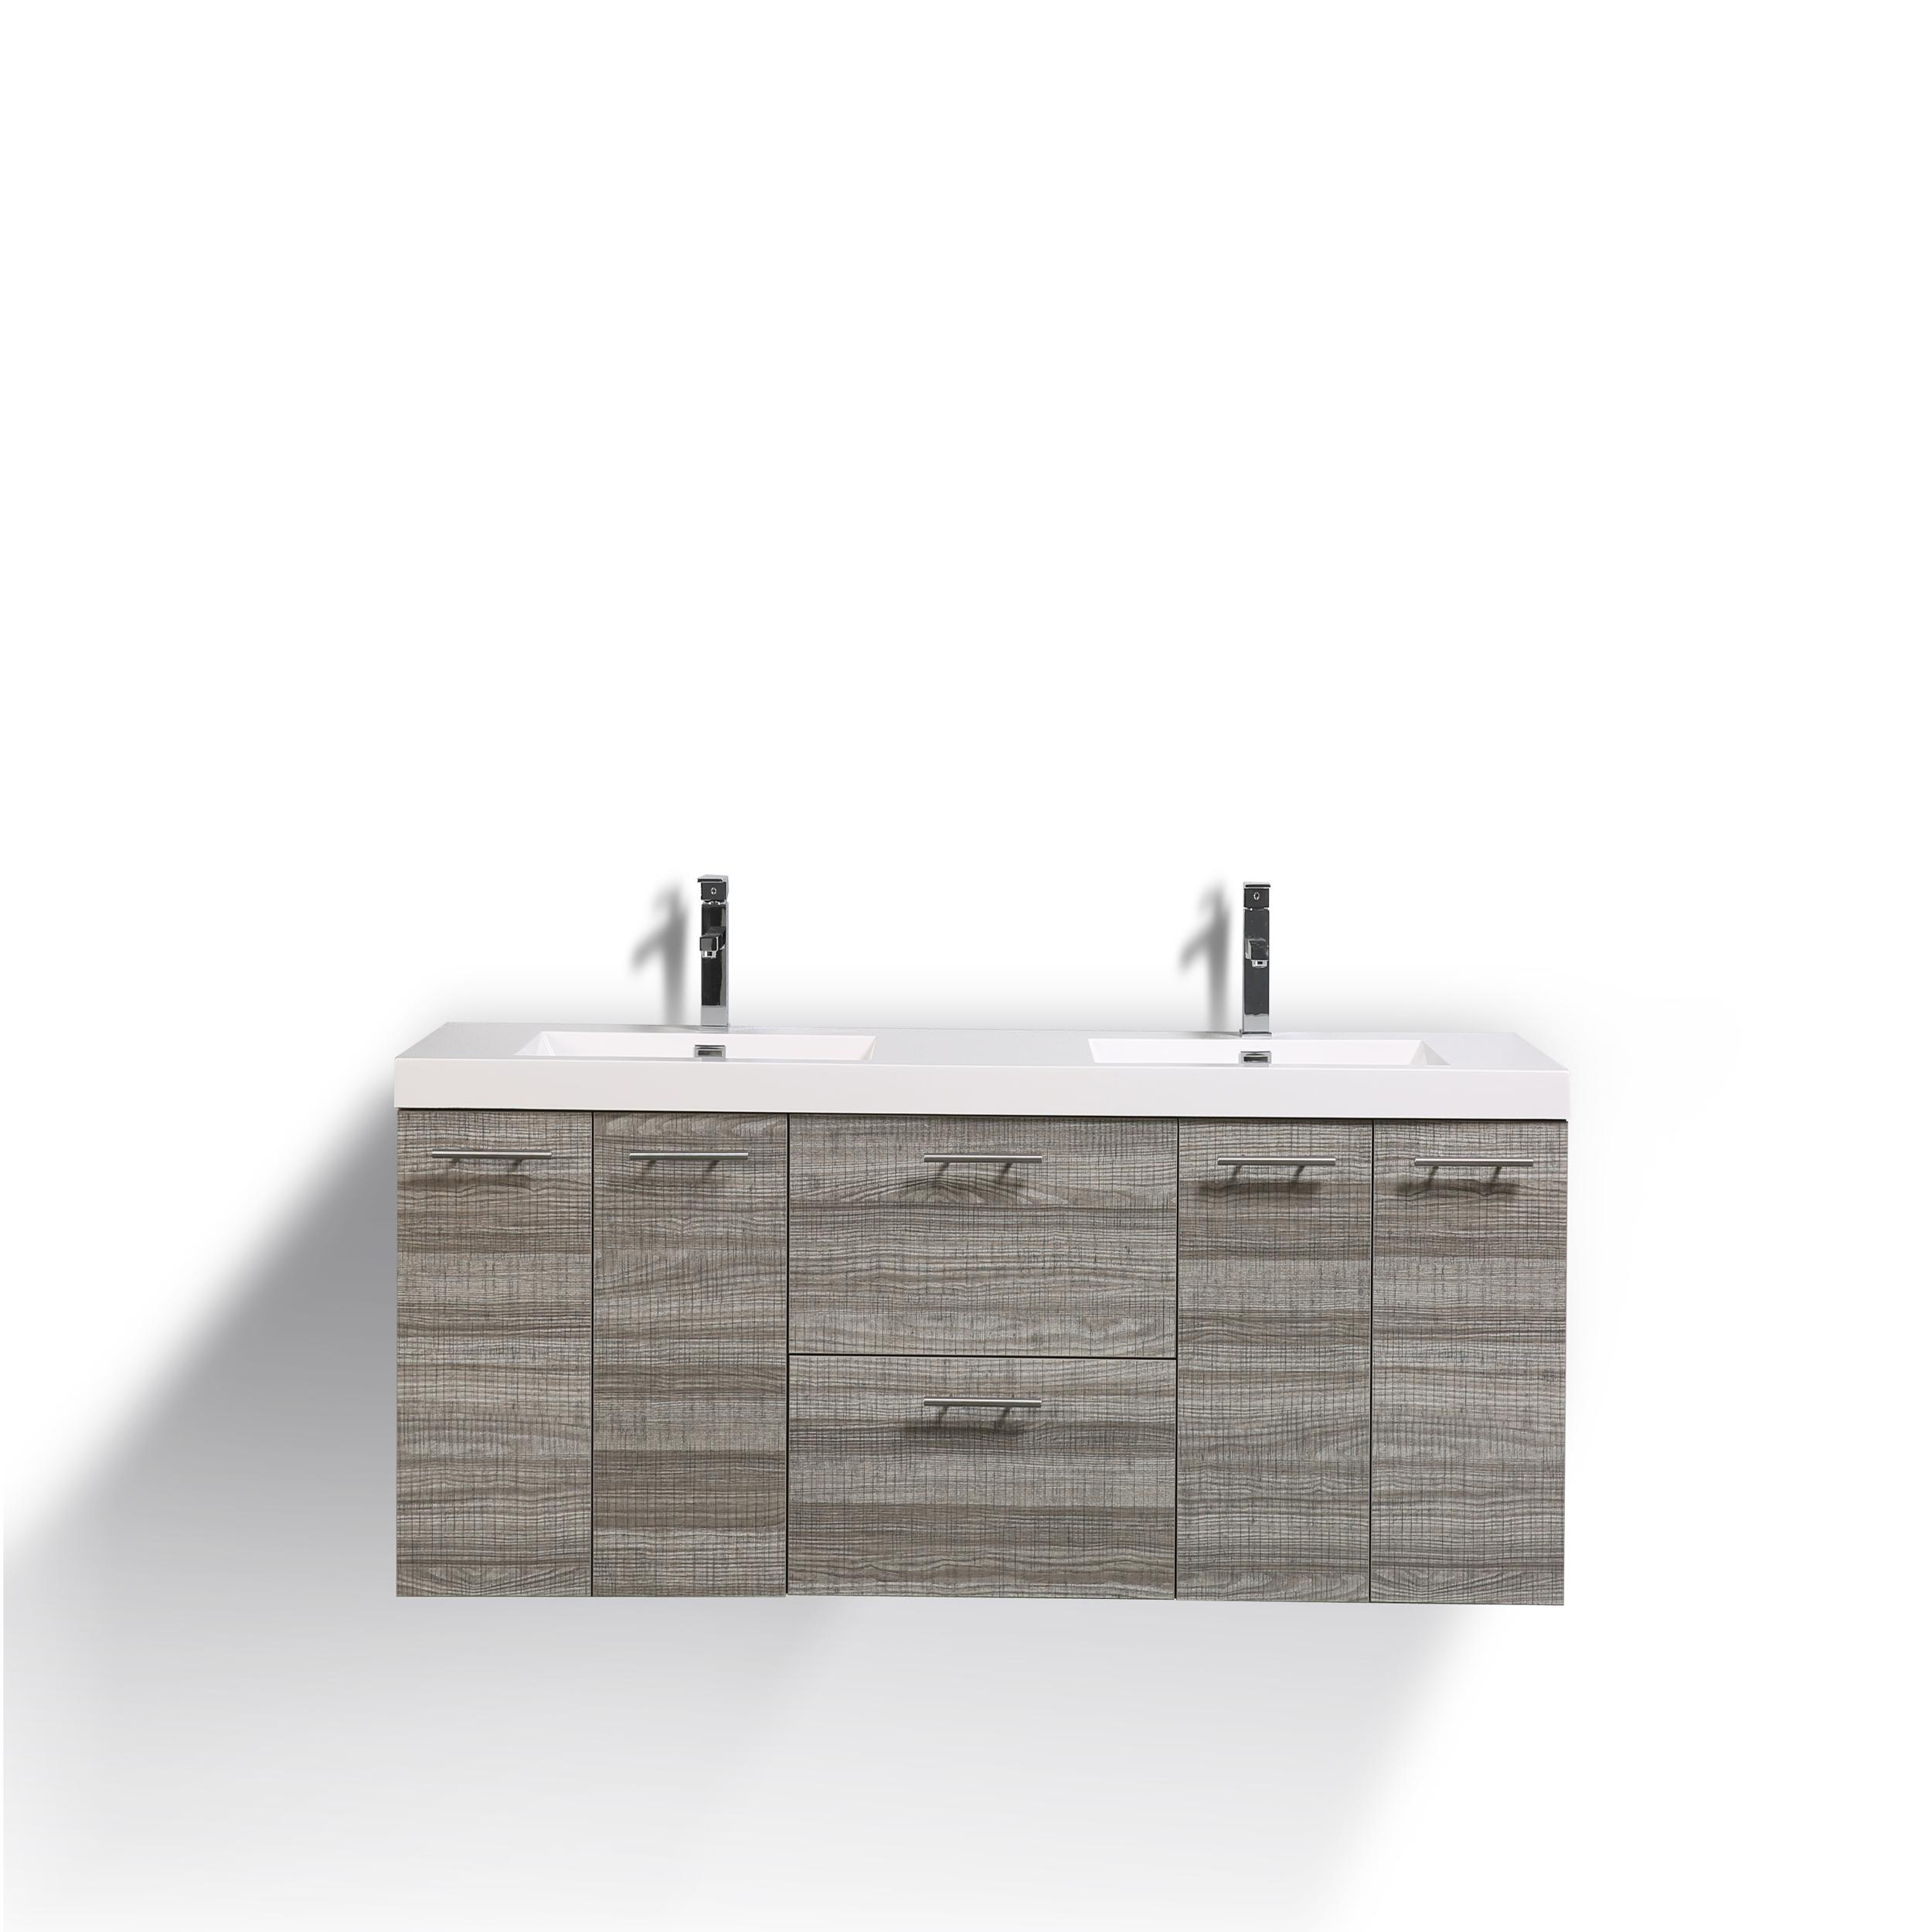 Eviva luxury 72 inch ash bathroom vanity with integrated acrylic sinks